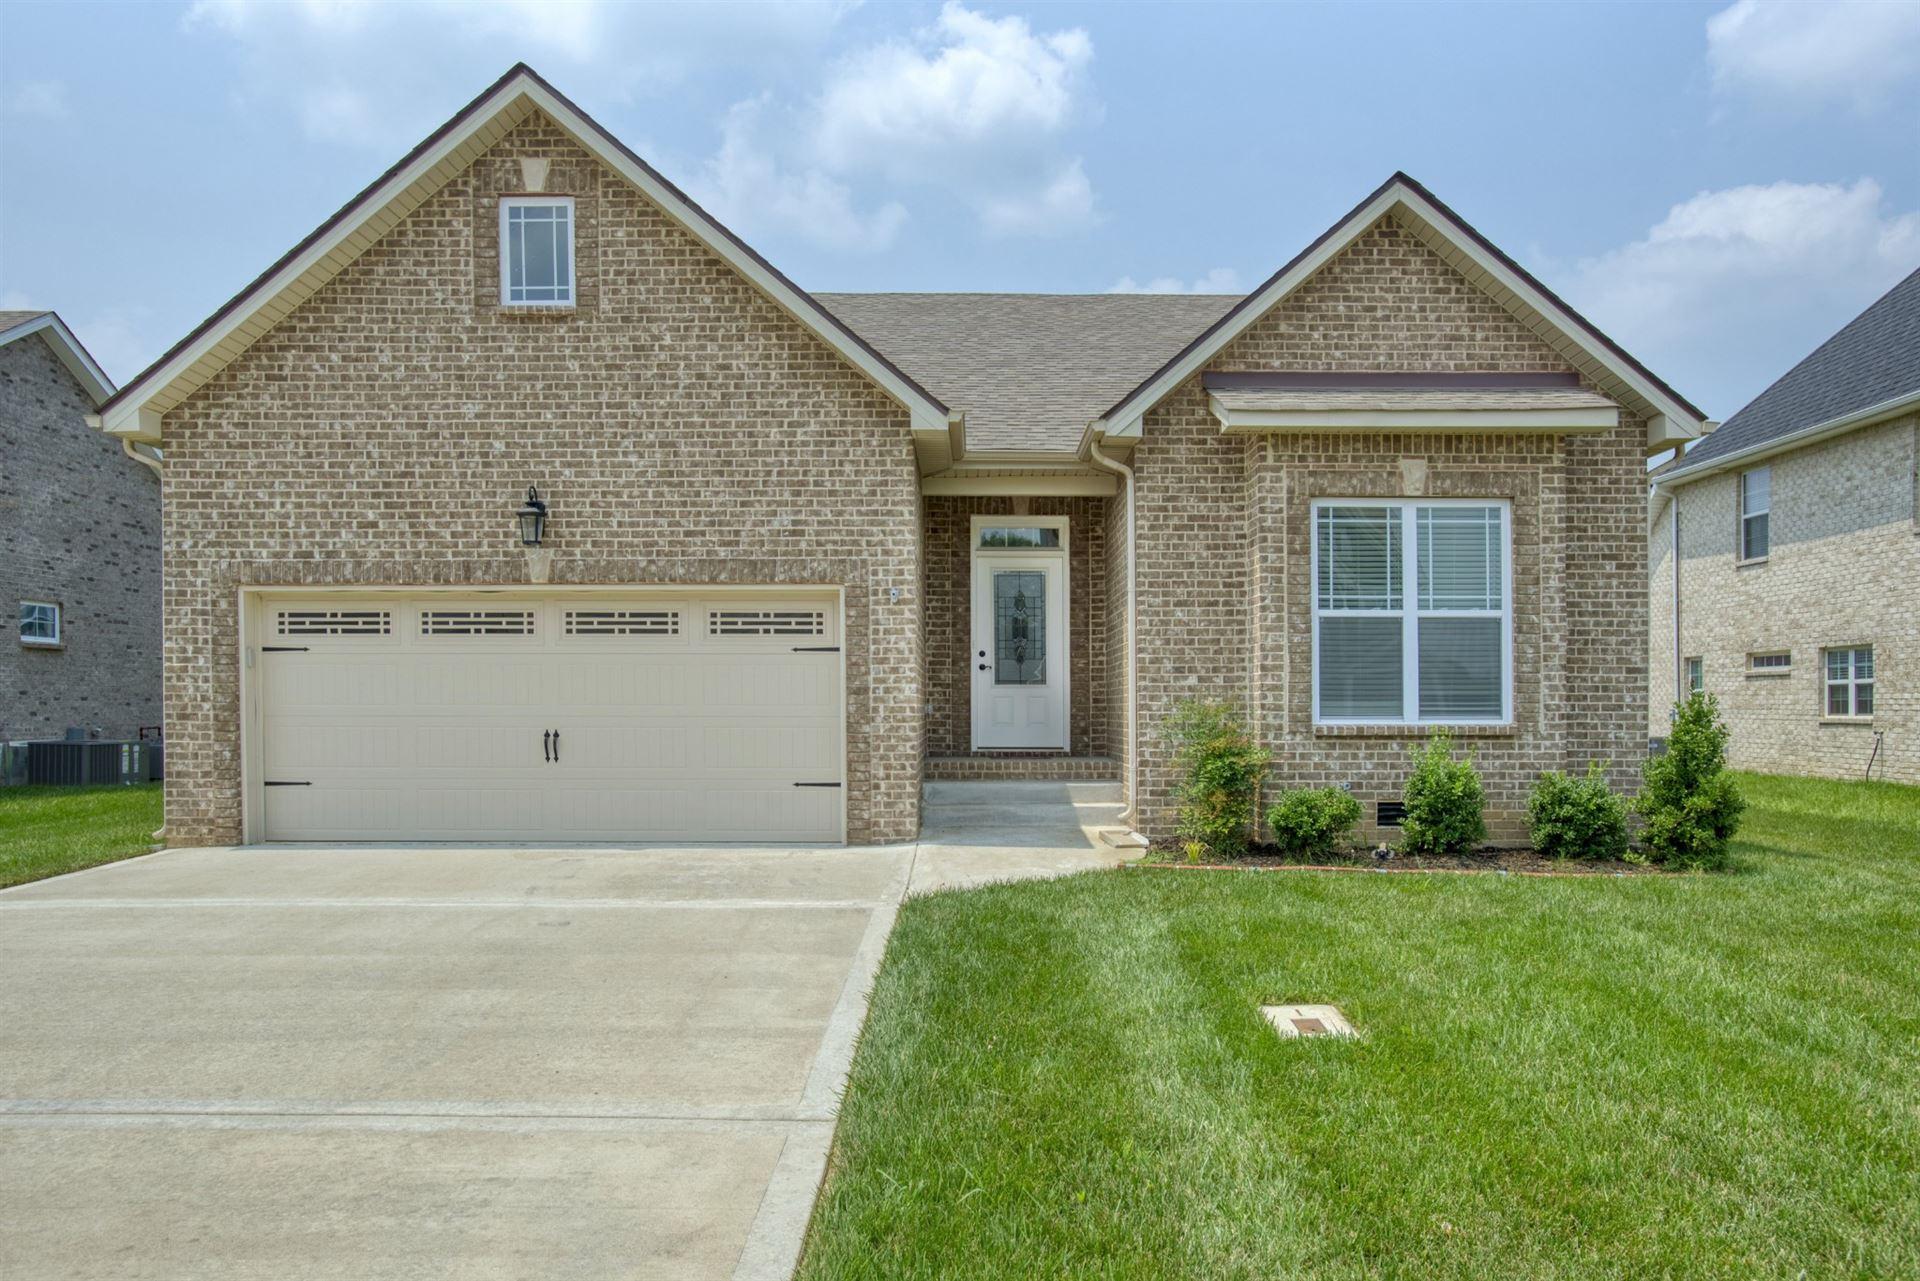 1420 Hereford Blvd, Clarksville, TN 37043 - MLS#: 2275023